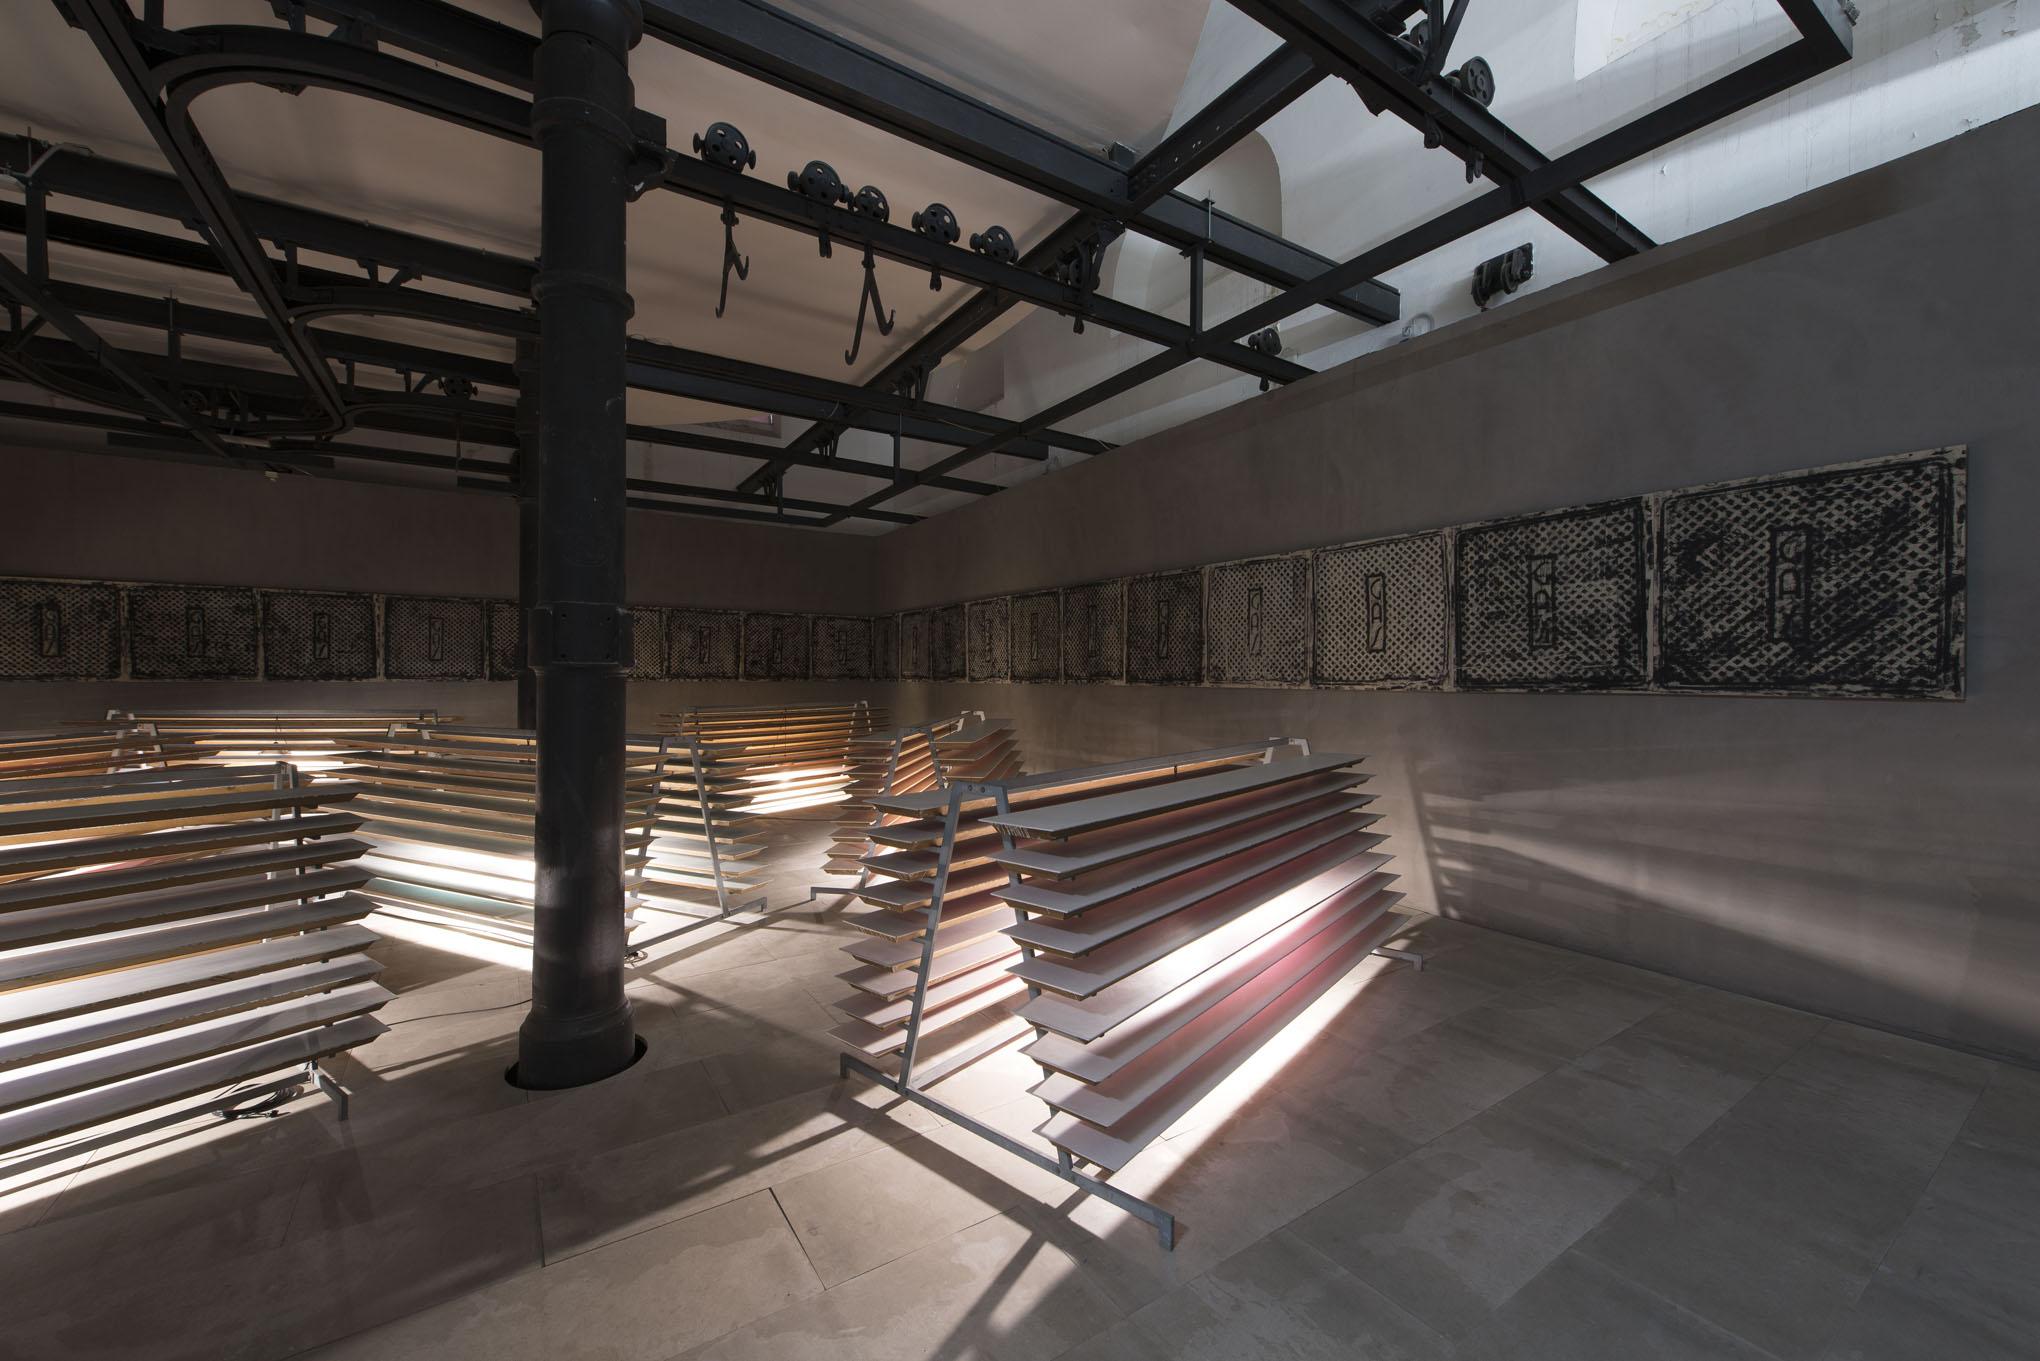 Alfredo Pirri. I pesci non portano fucili. Exhibition view at Museo Macro Testaccio, Roma 2017. Photo Giorgio Benni